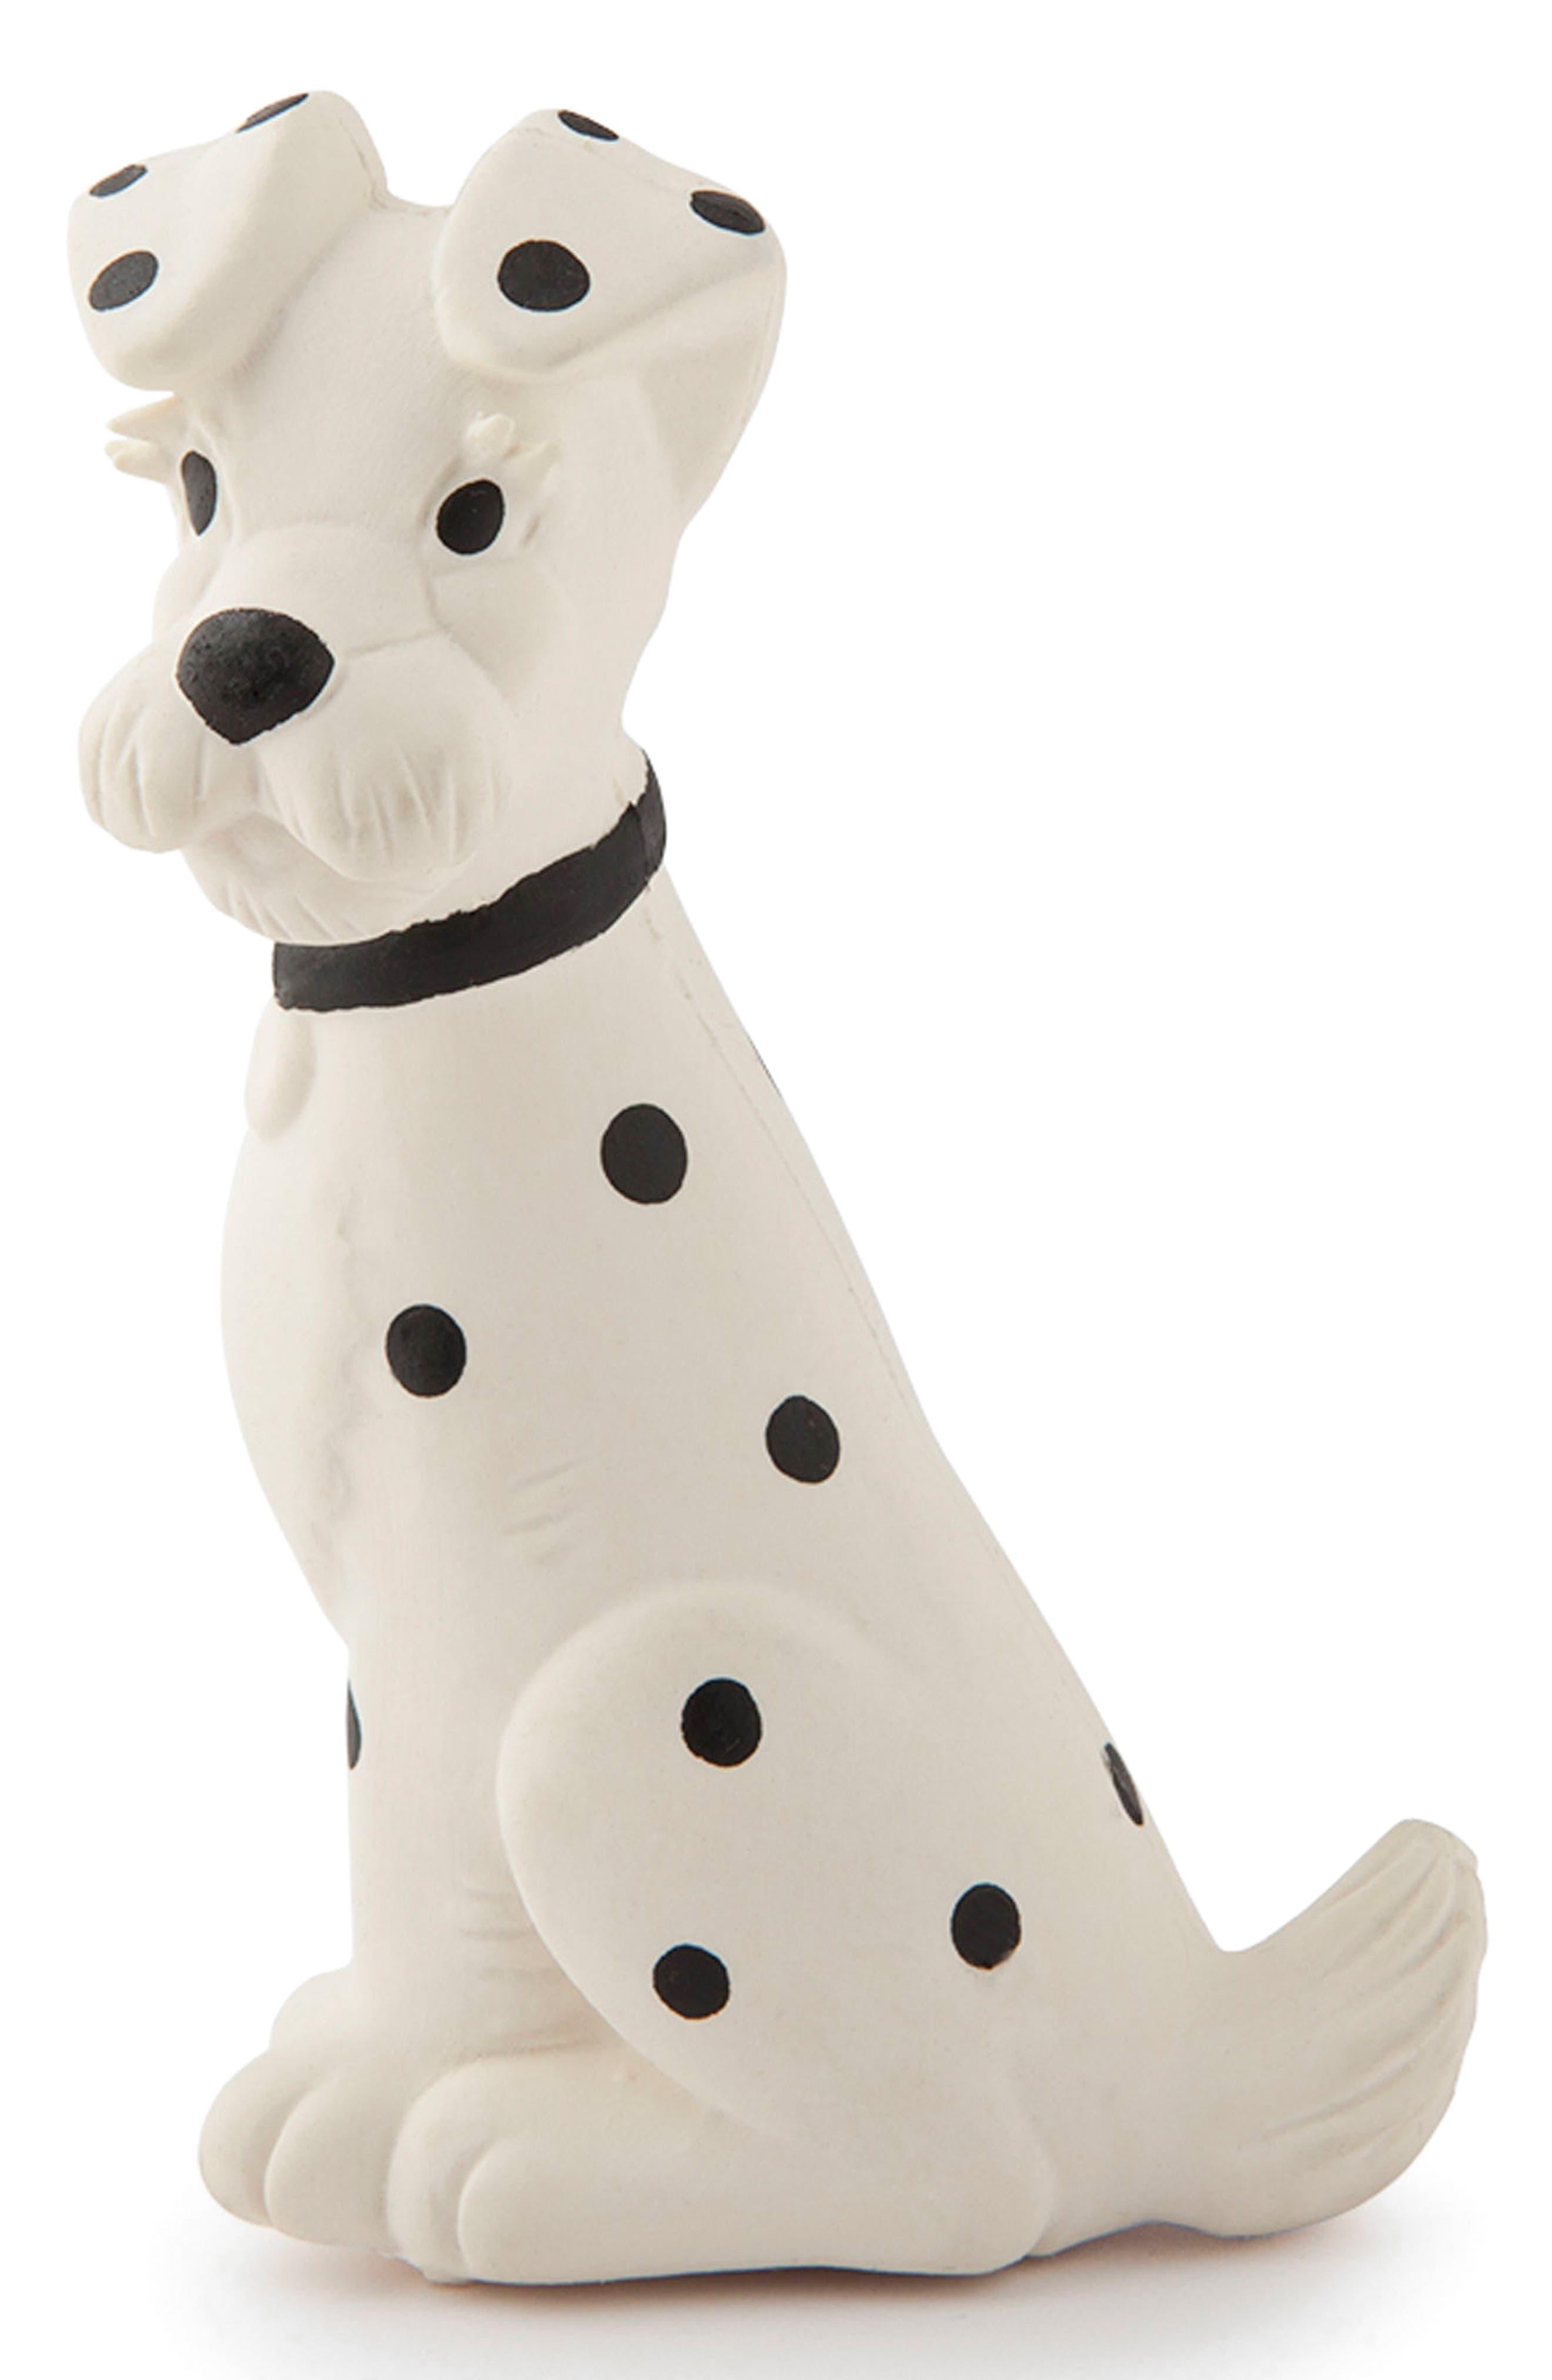 Main Image - Oli and Carol Spot the Dog Teething Toy